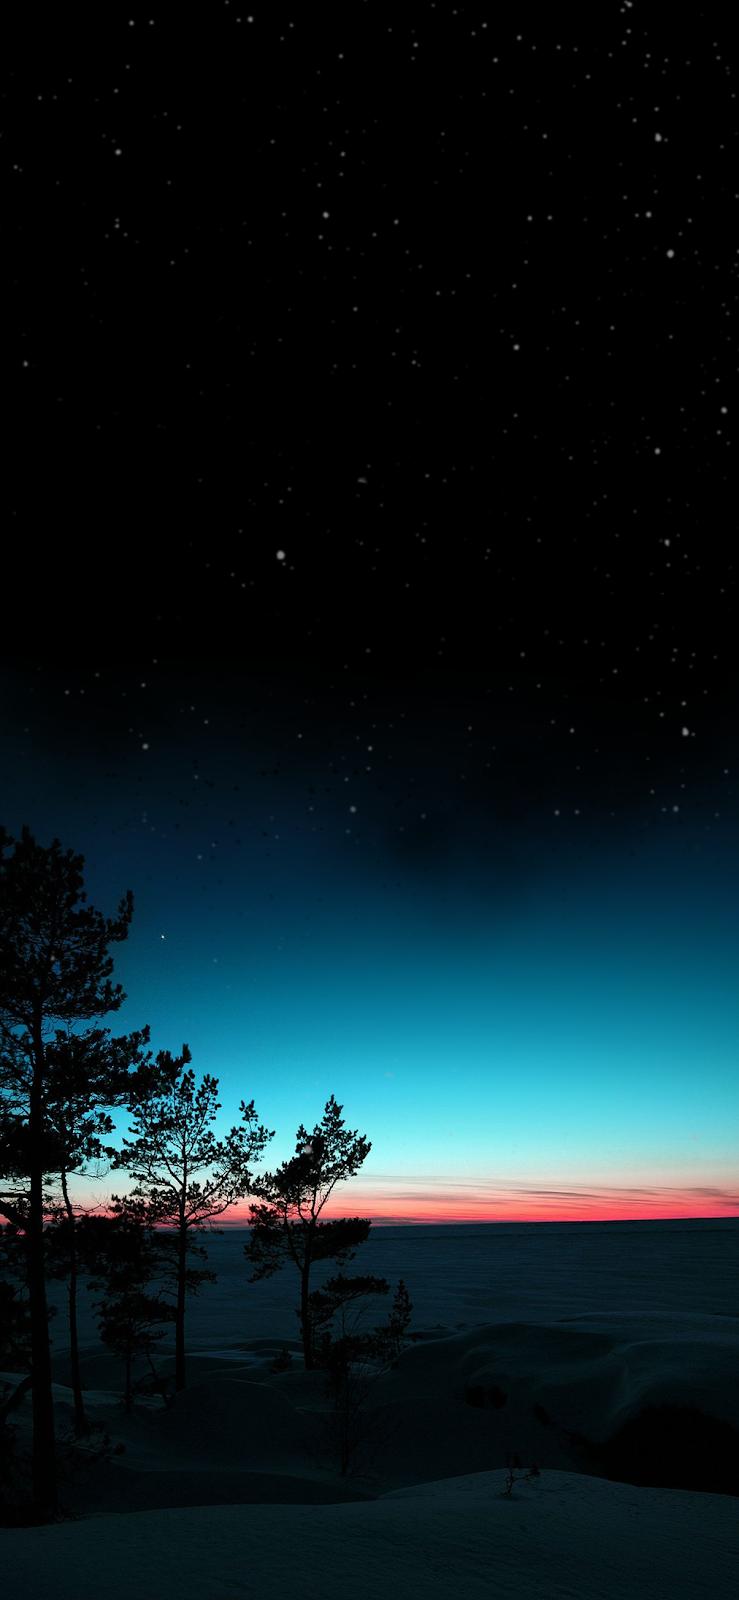 Desert night sky